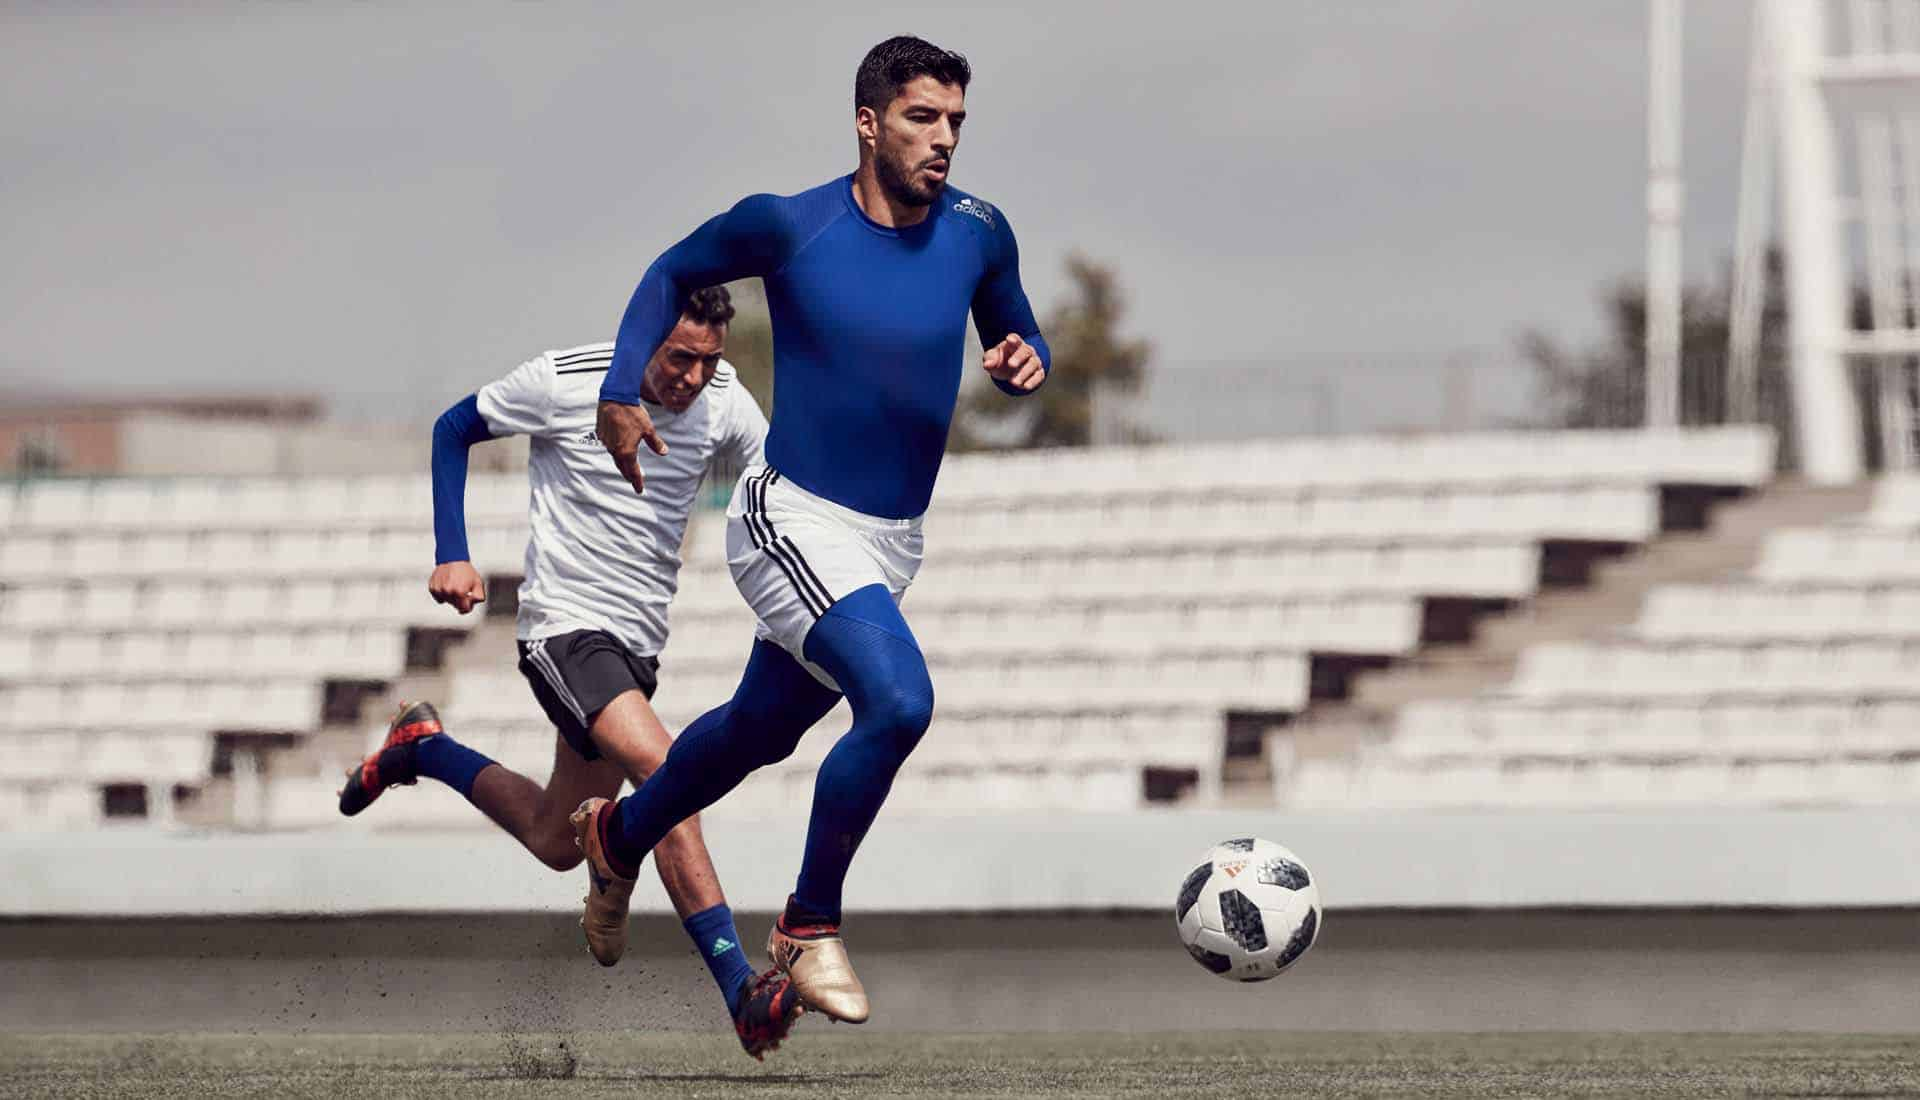 8630eed384e52 adidas dévoile les vêtements training de sa toute nouvelle gamme ALPHASKIN